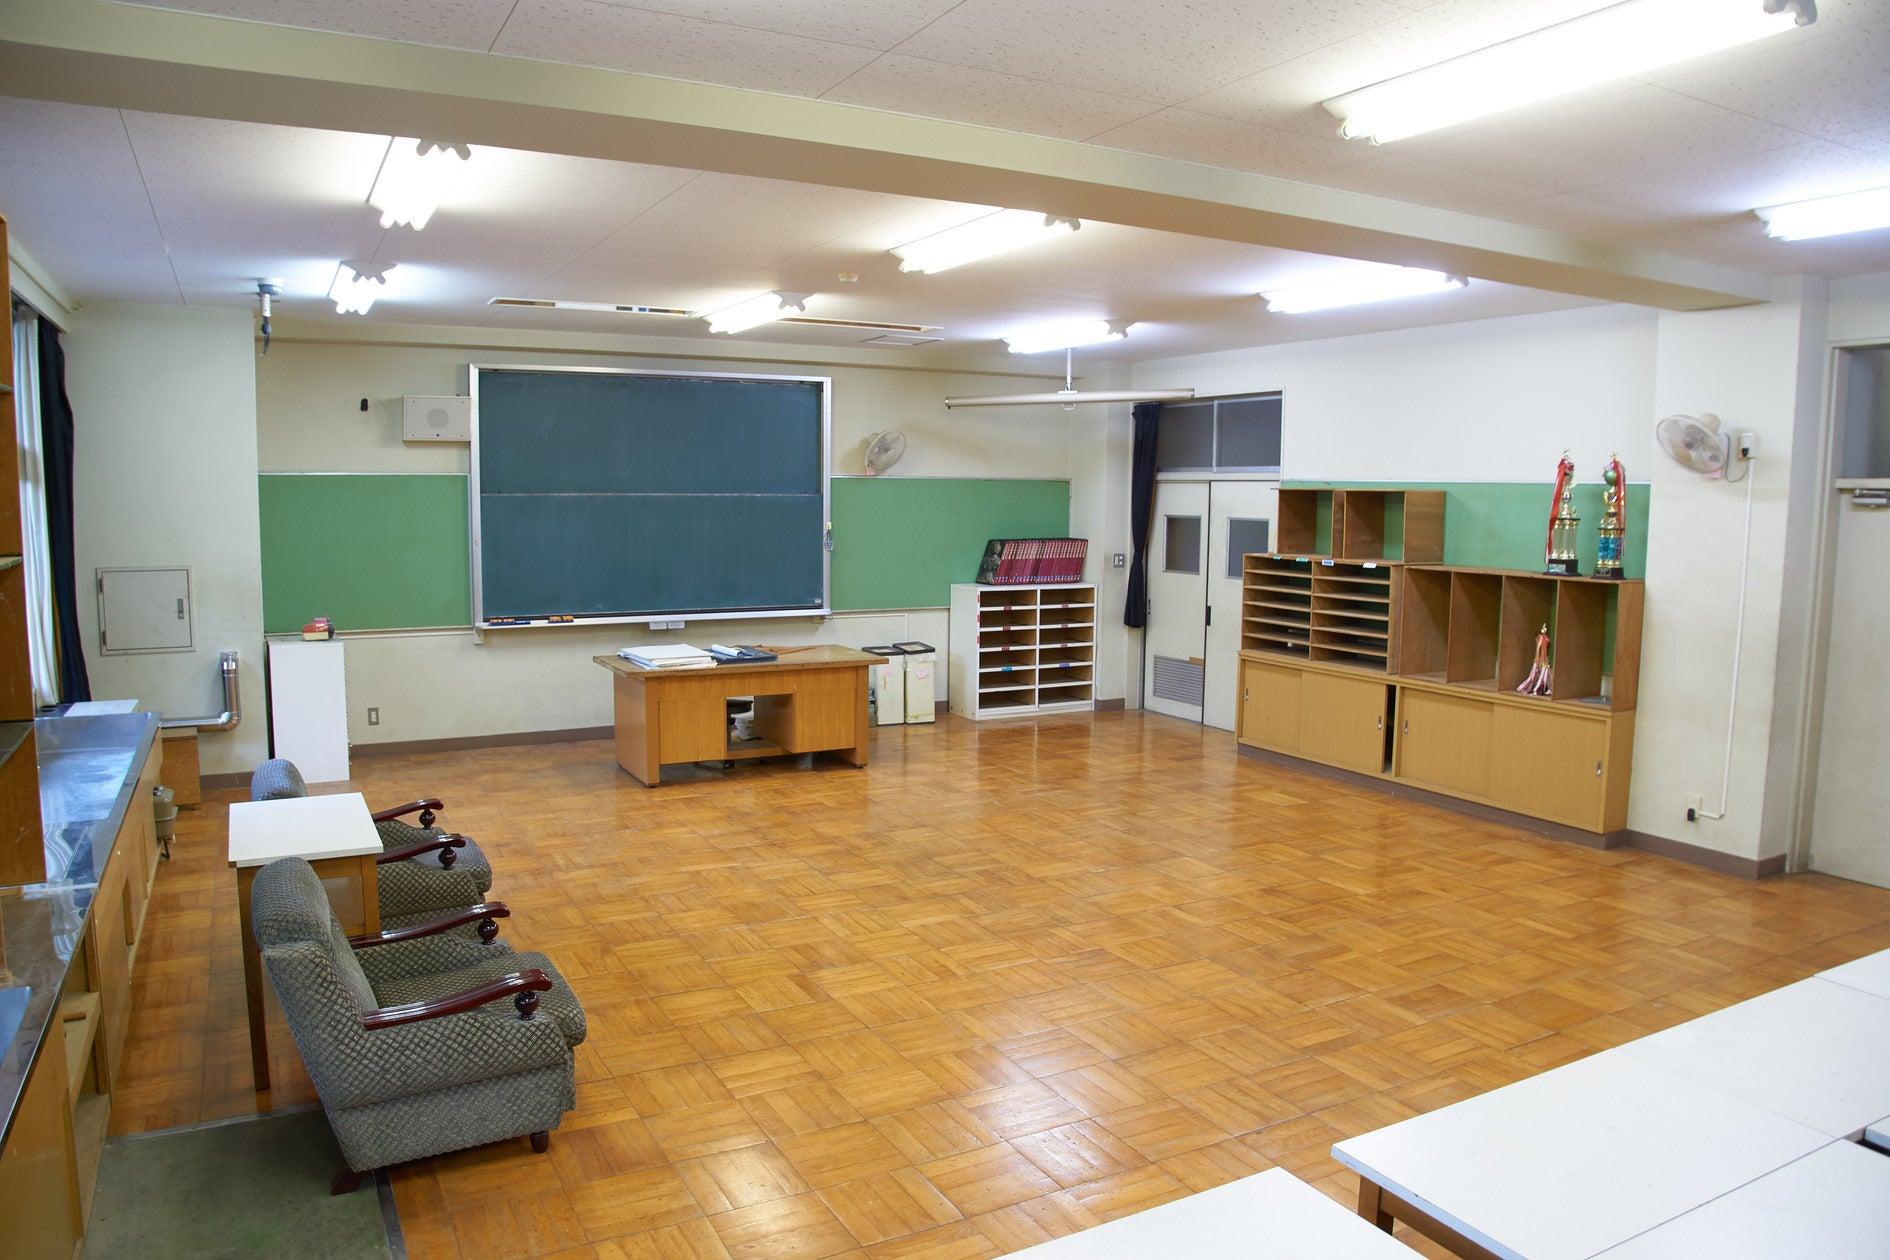 美術室として実際に使用されていた場所で撮影を!(OKUTAMA+(旧古里中学校)) の写真0